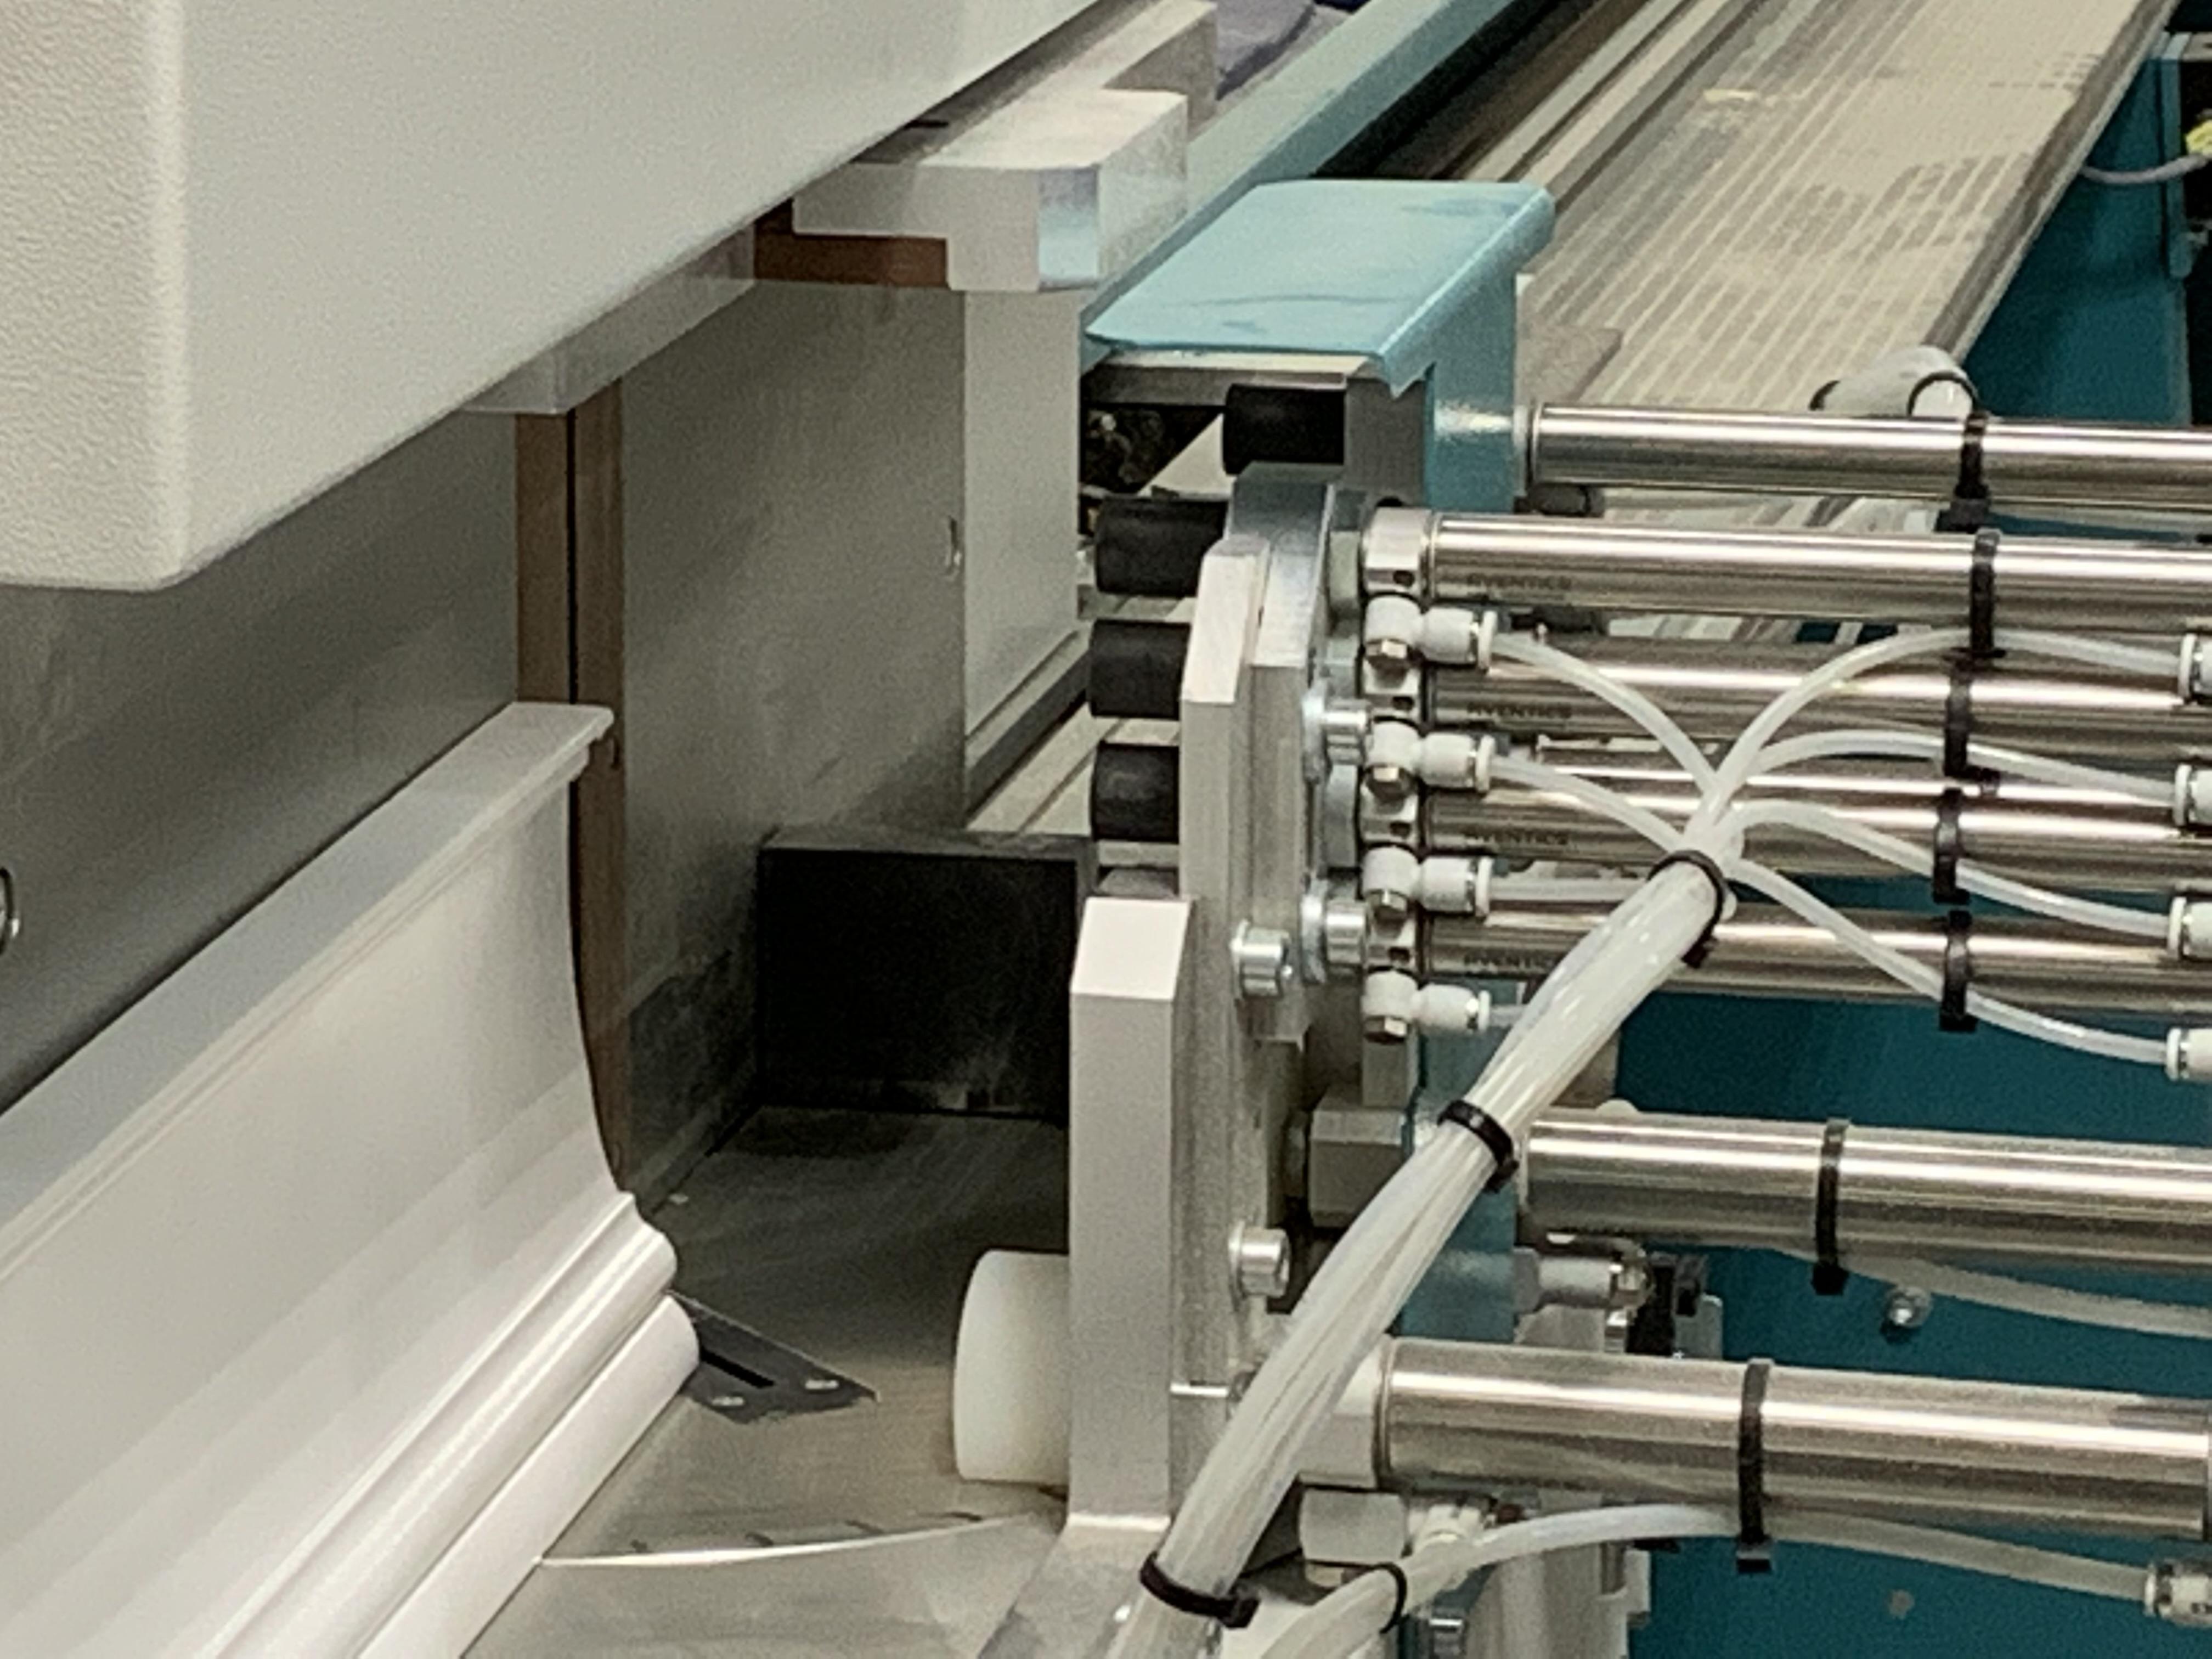 acs-1-material-clamp-array-close-up.jpg